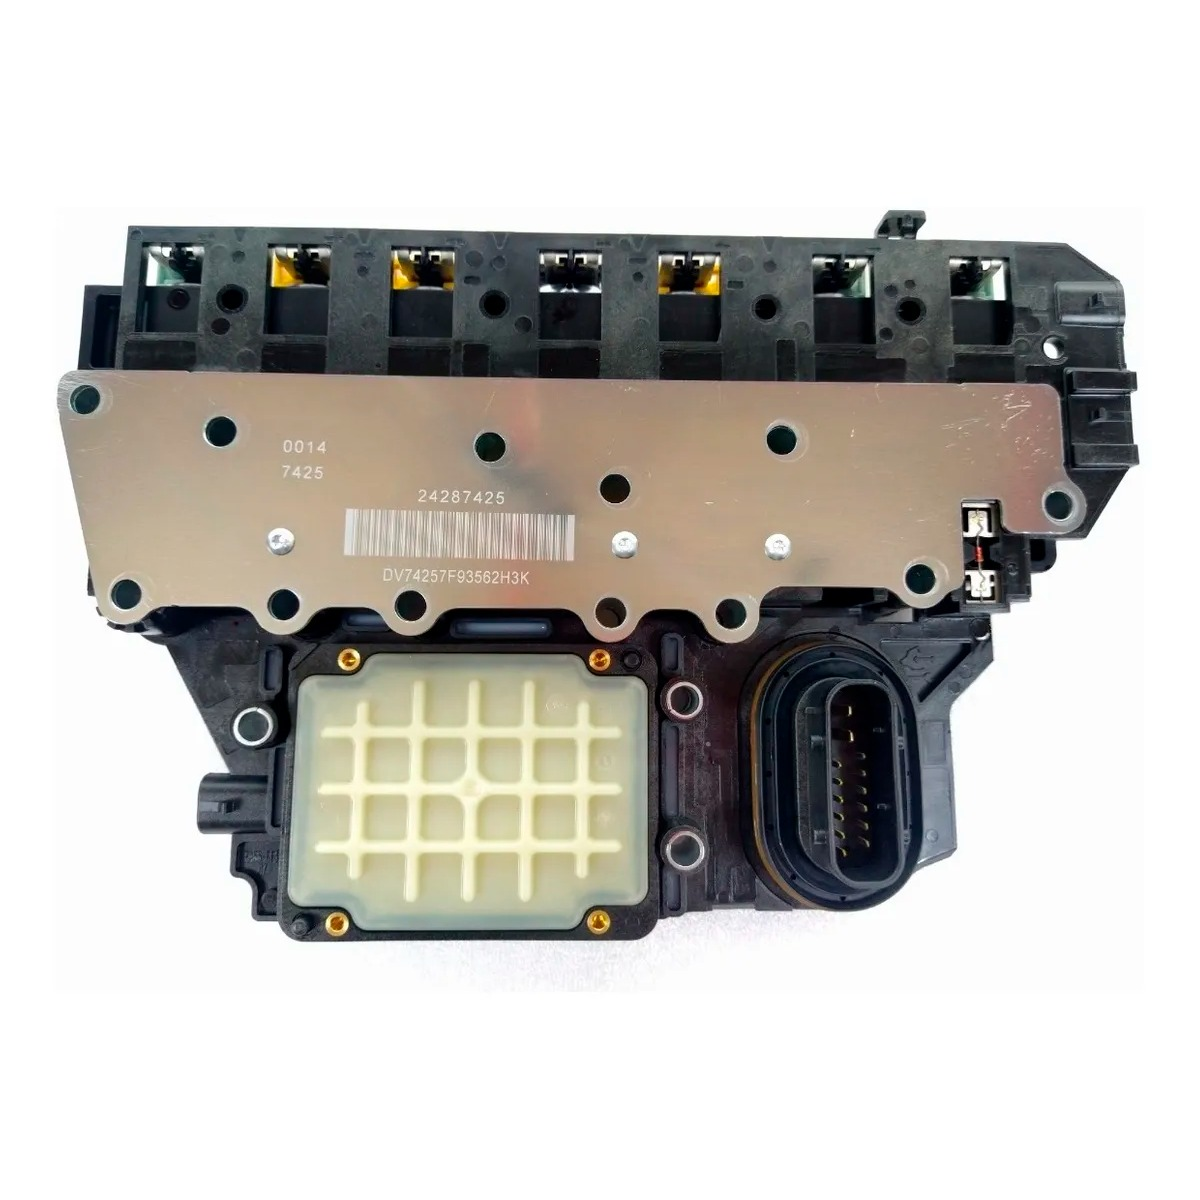 Módulo Câmbio Automático 6t31 2°gr 7425 Traker Cobalt Spin Cruze